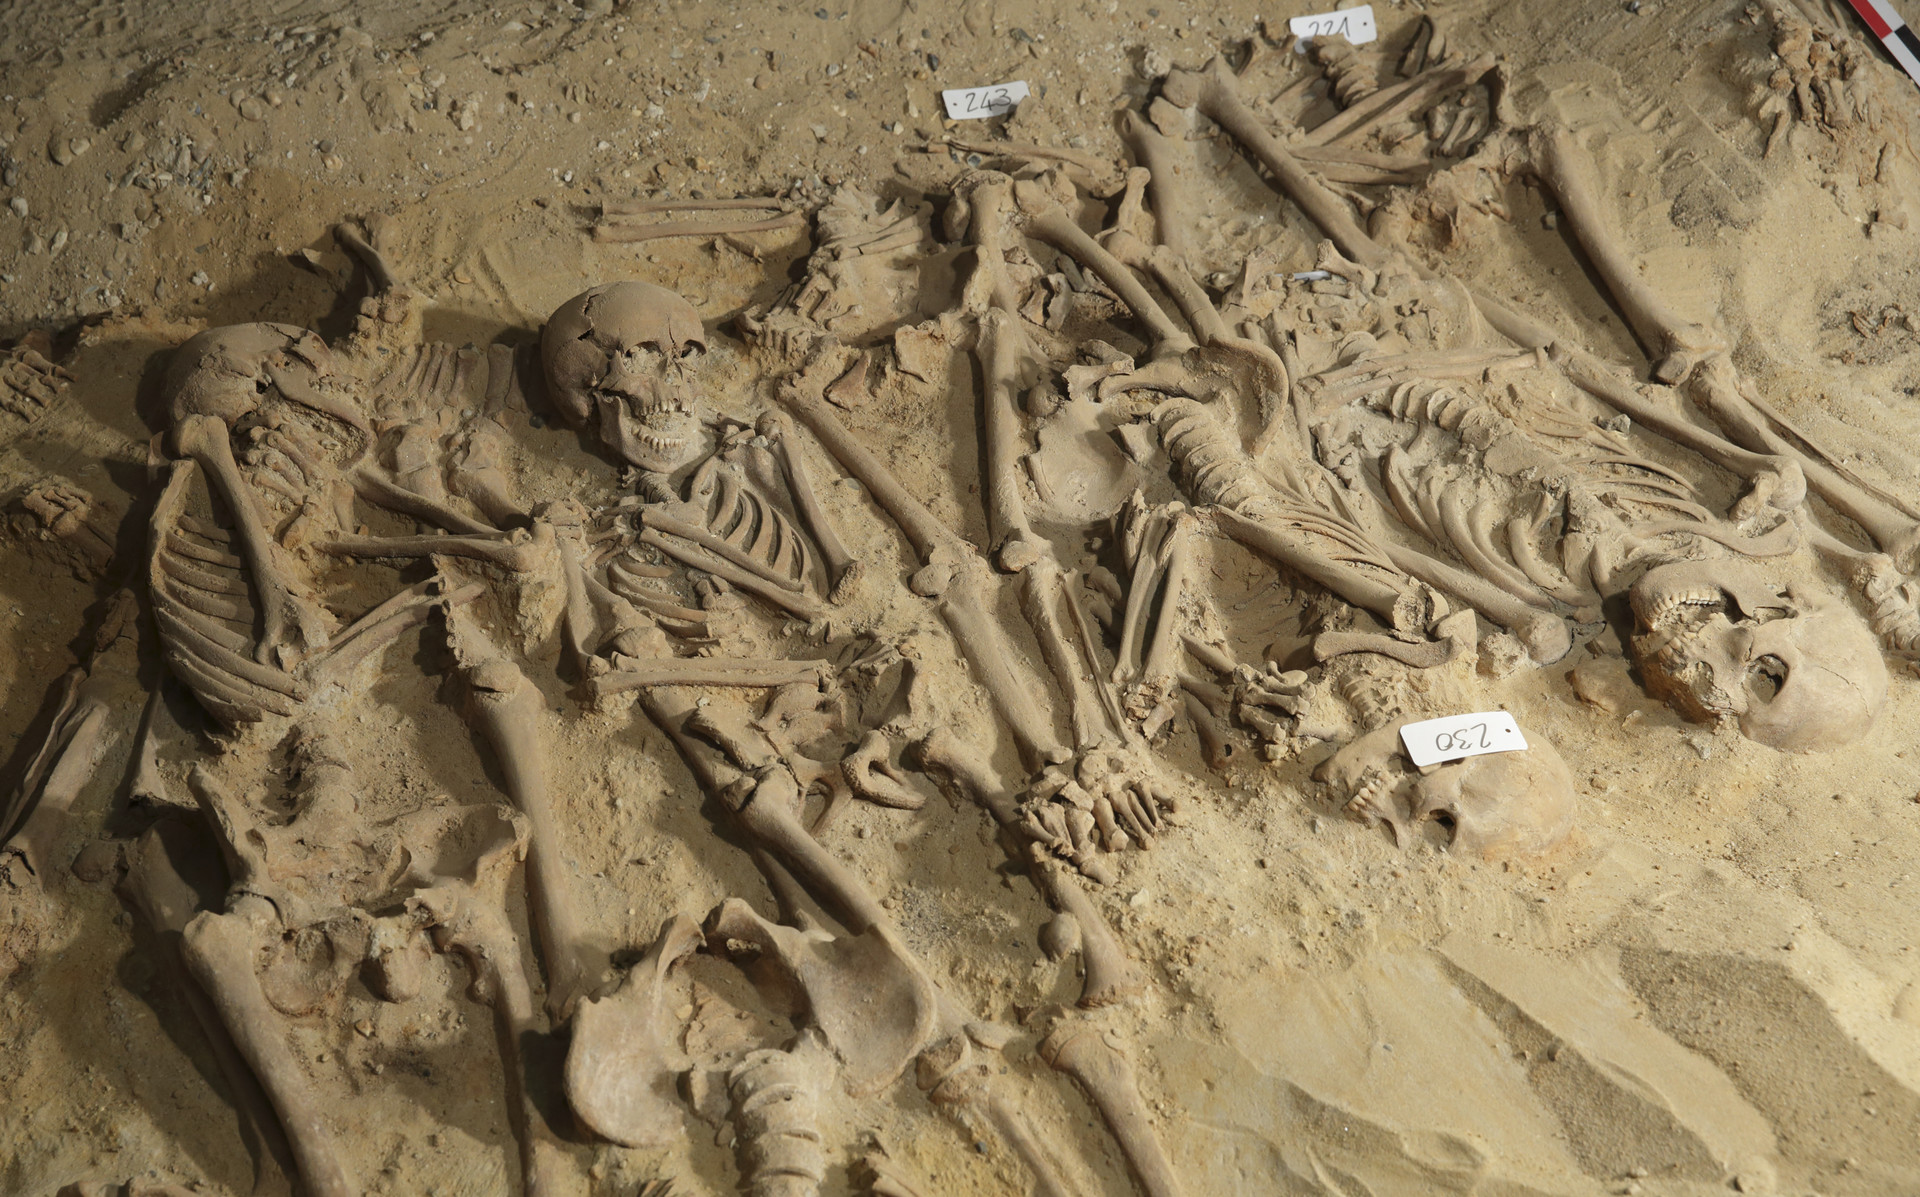 Unos esqueletos bajo el almacén Monoprix Reaumur Sebastopol, Paris, Francia, 10 de marzo de 2010.